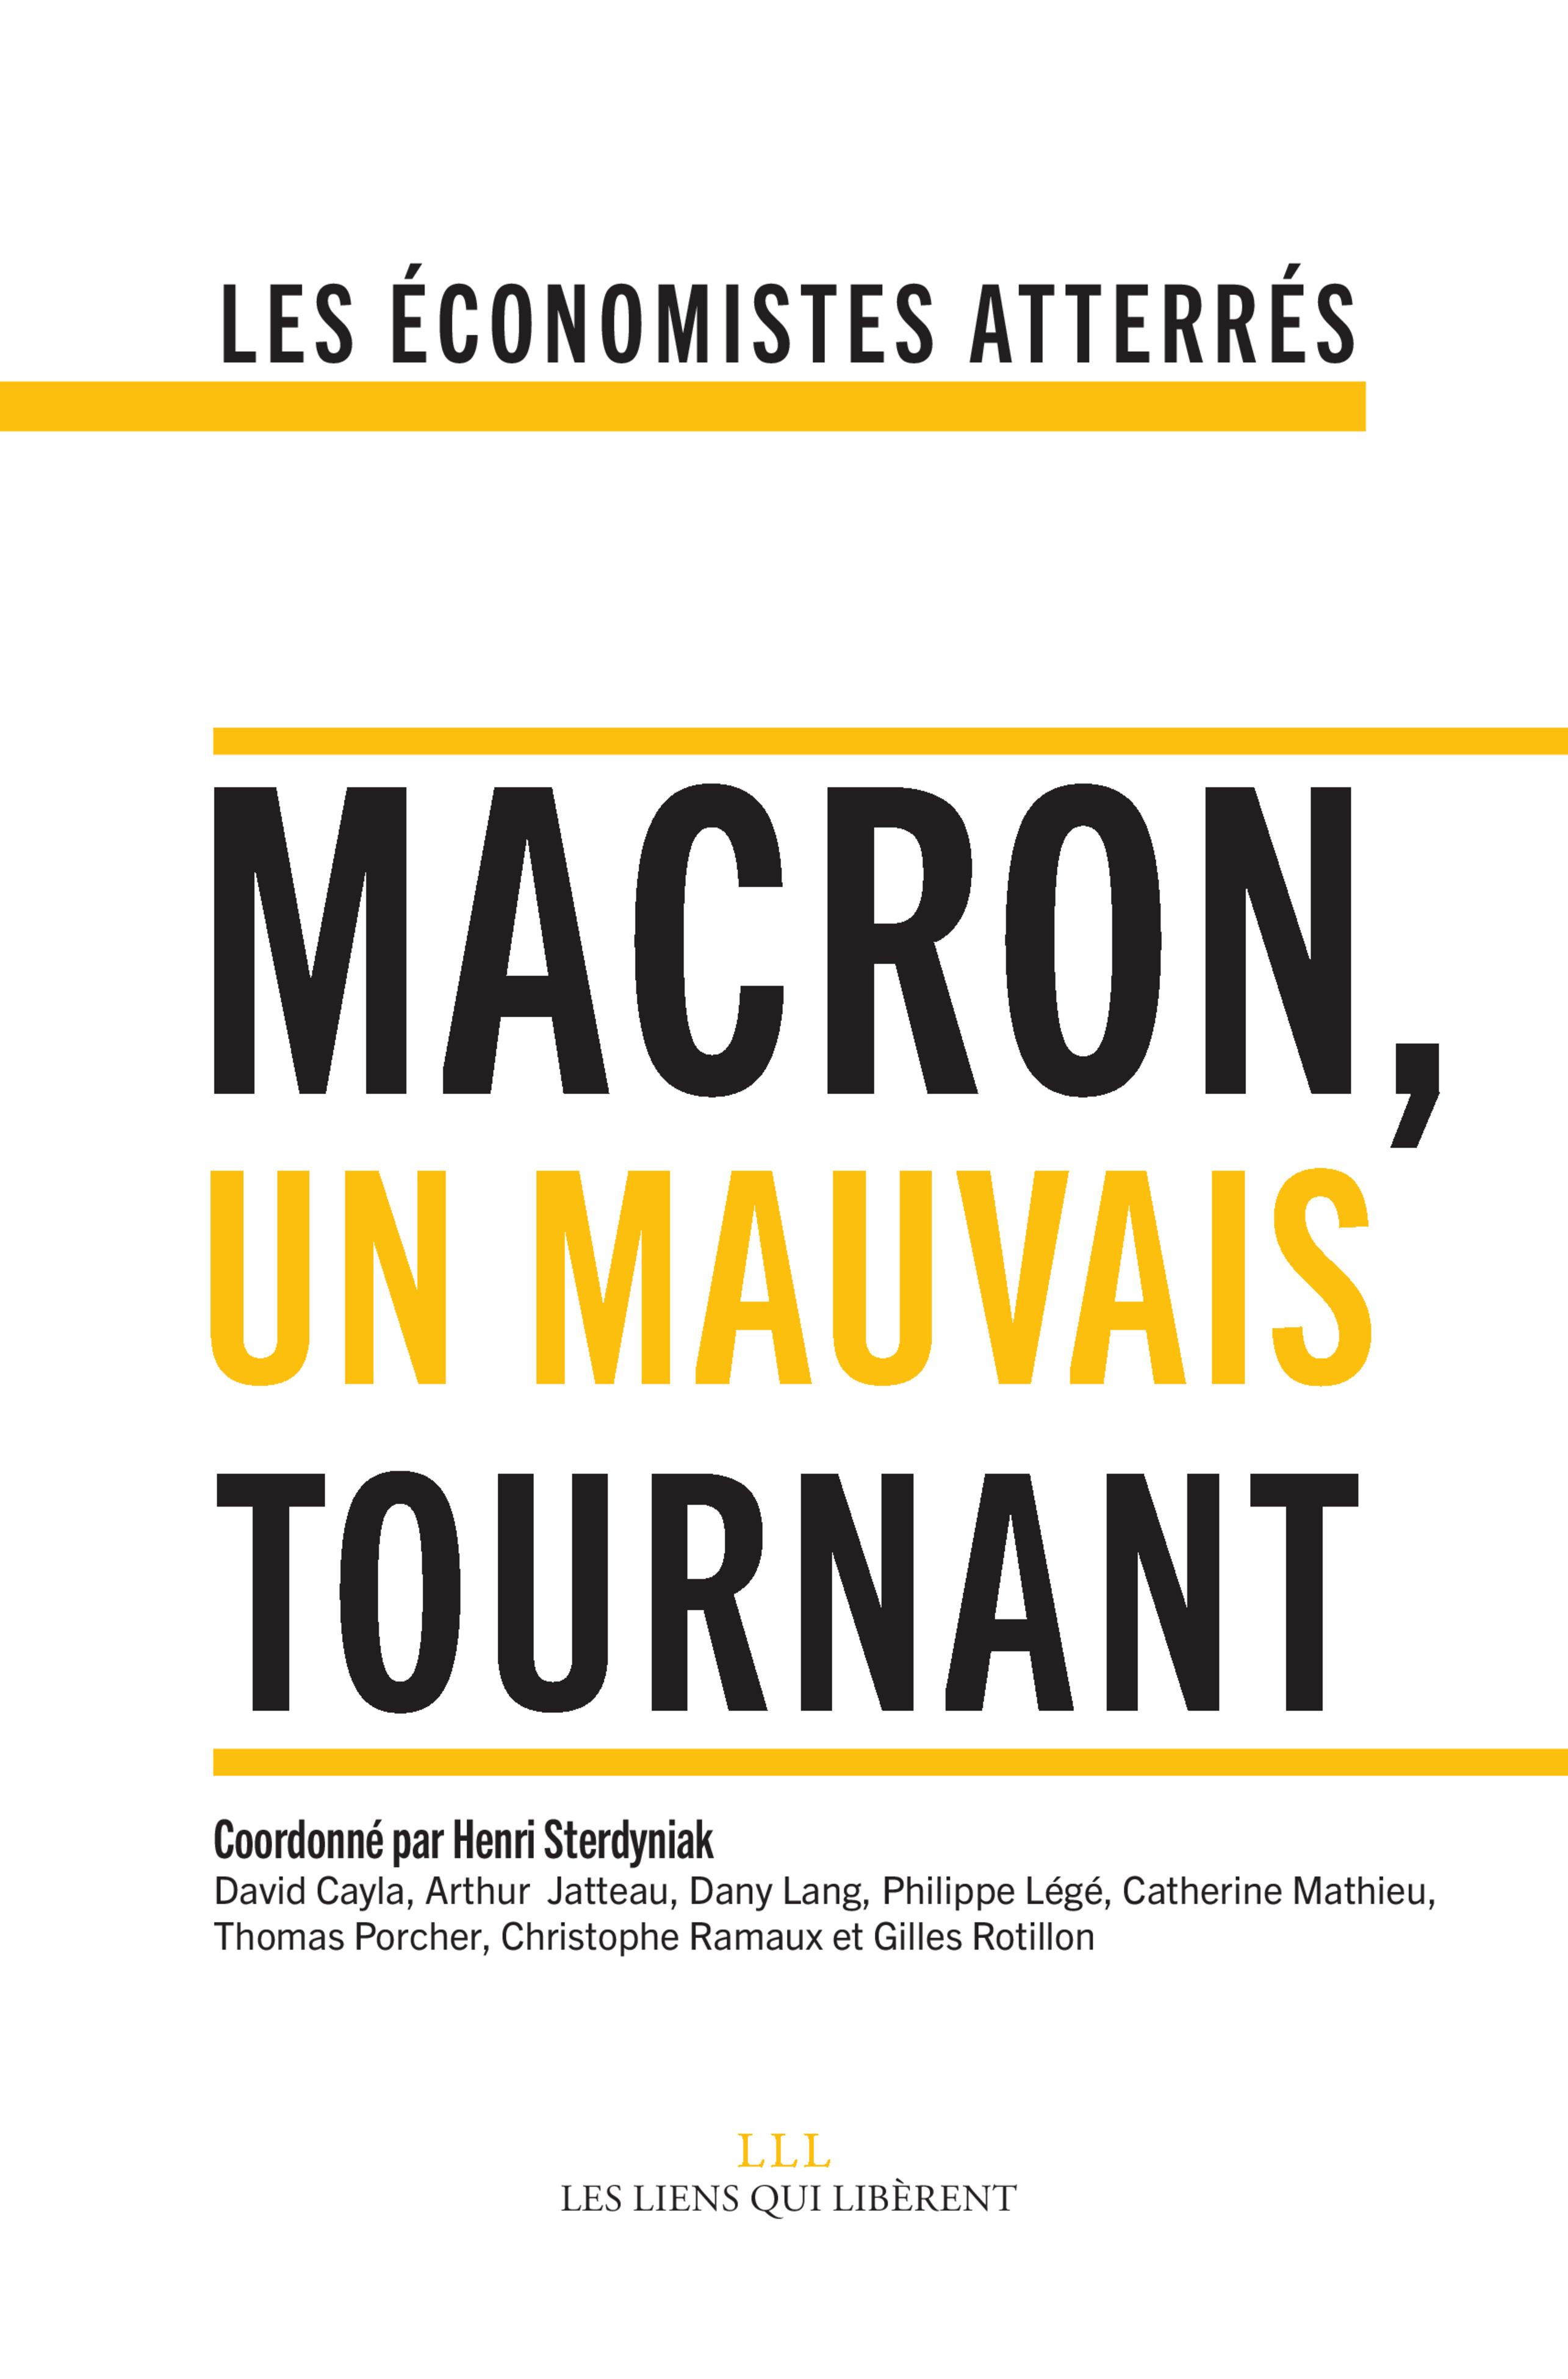 Macron, un mauvais tournant | Économistes atterrés,